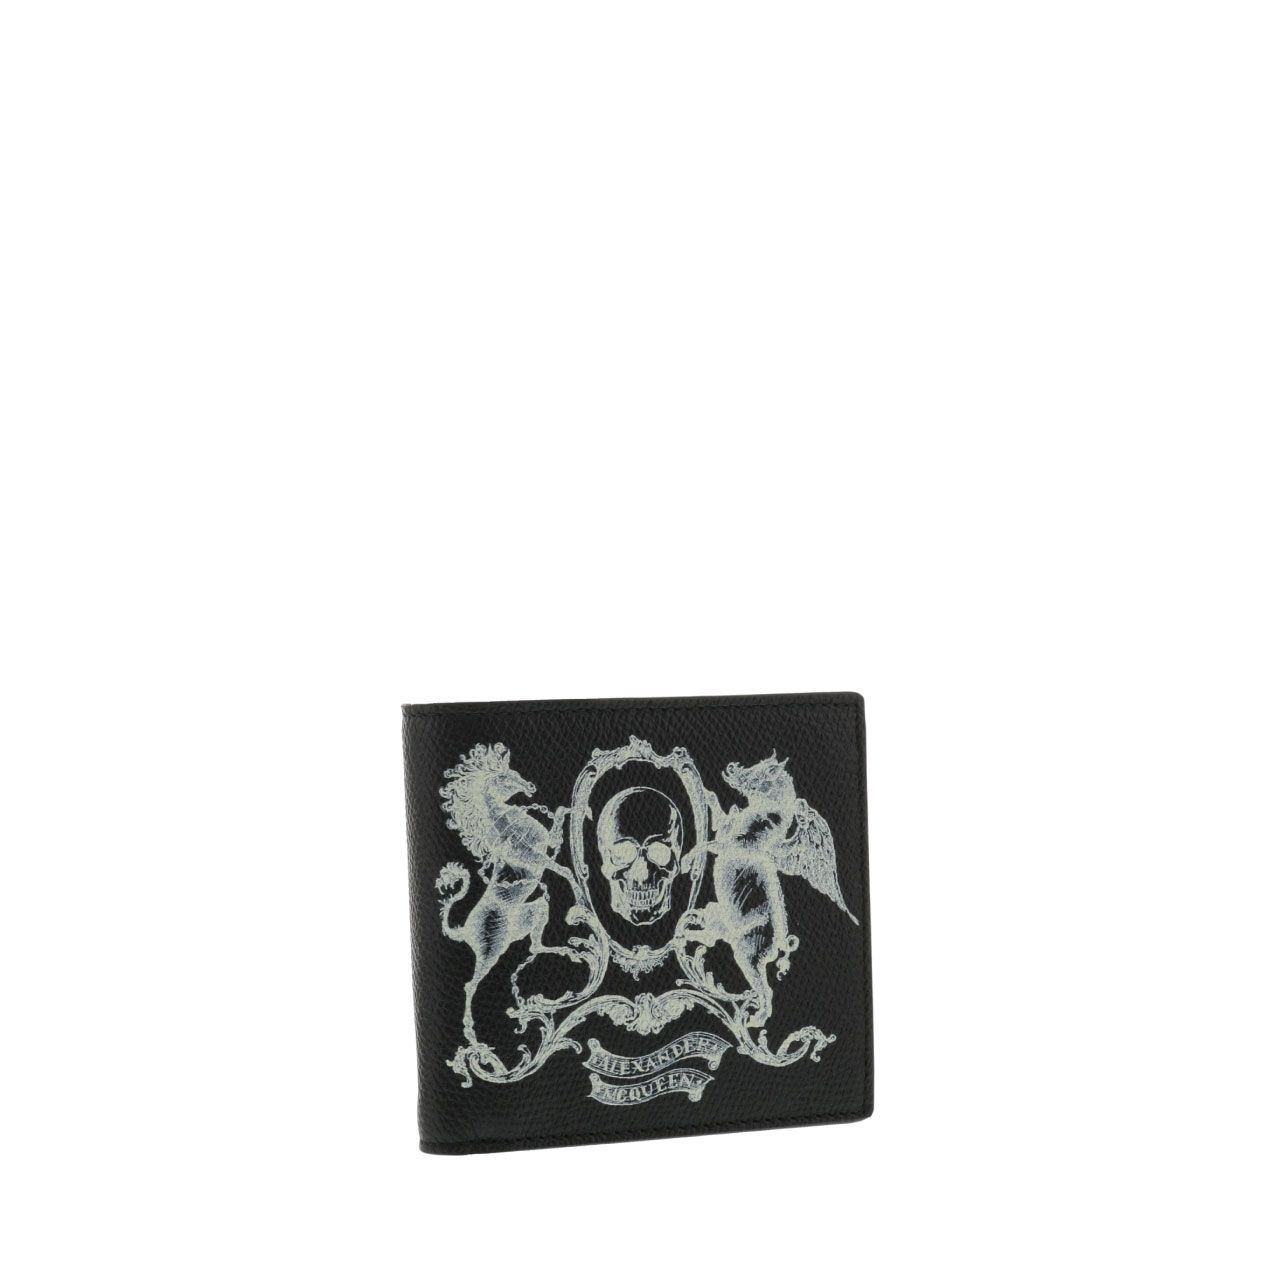 Alexander Mcqueen Heraldic Details Skull Wallet